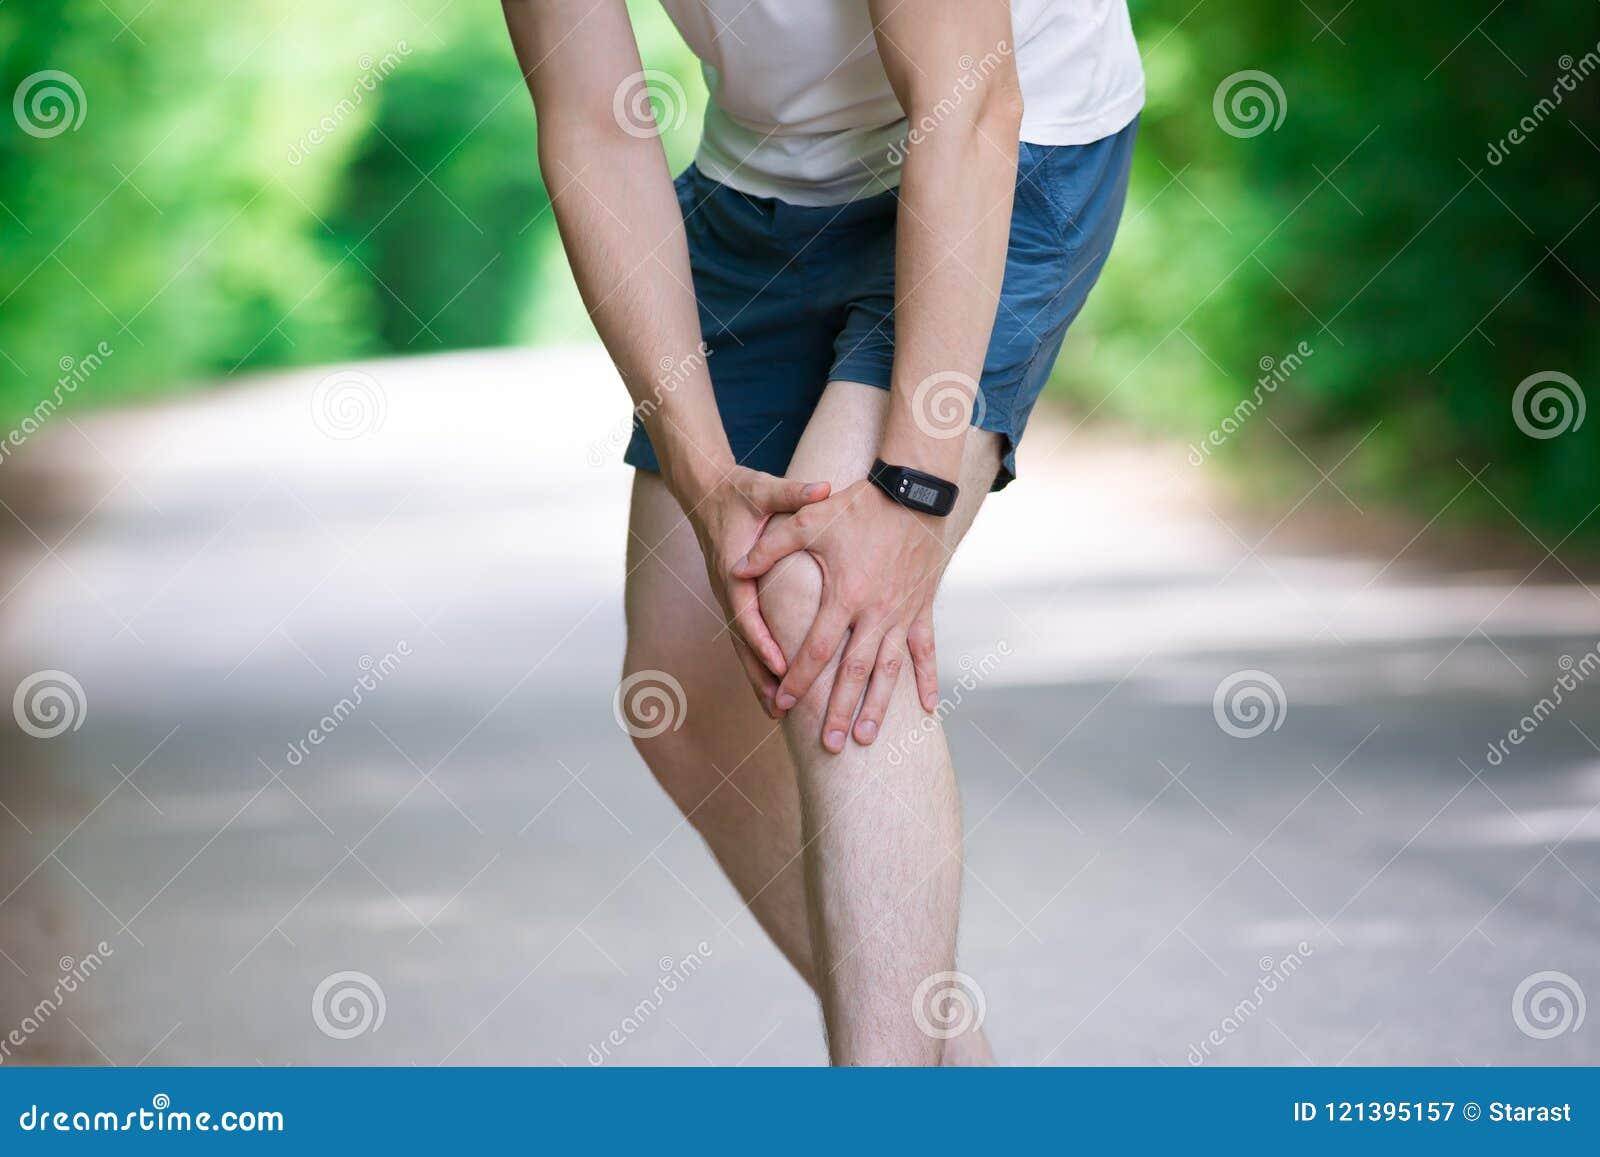 Hinchazón rodilla en pantorrilla de e dolor la